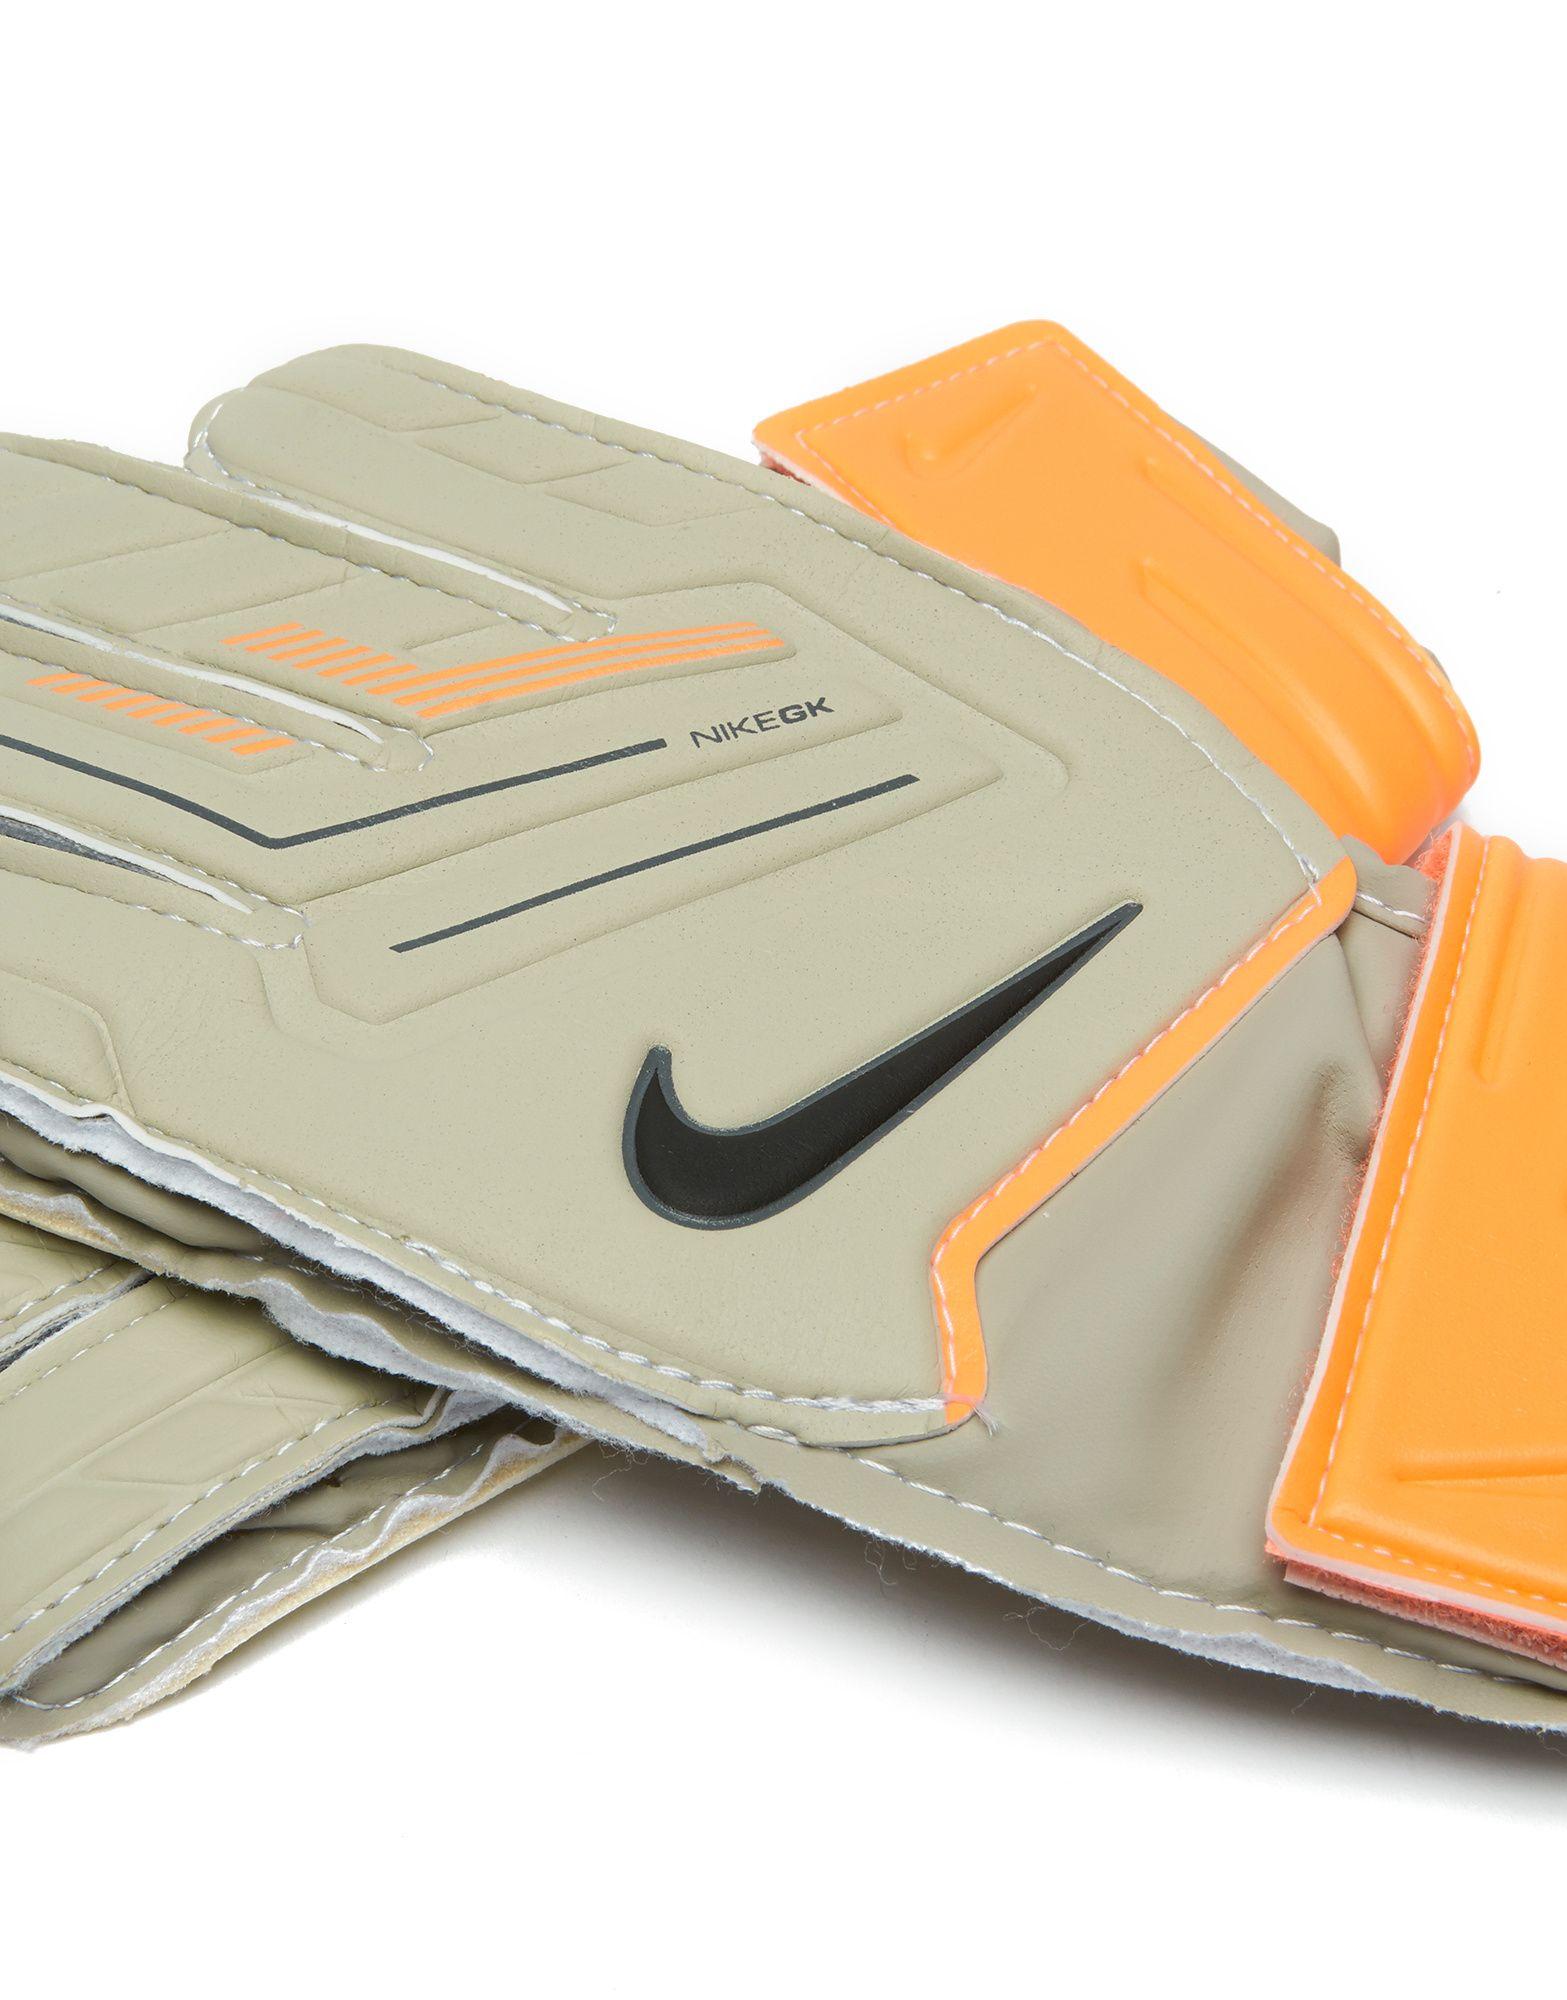 Nike Goal Keeper Match Gloves Junior